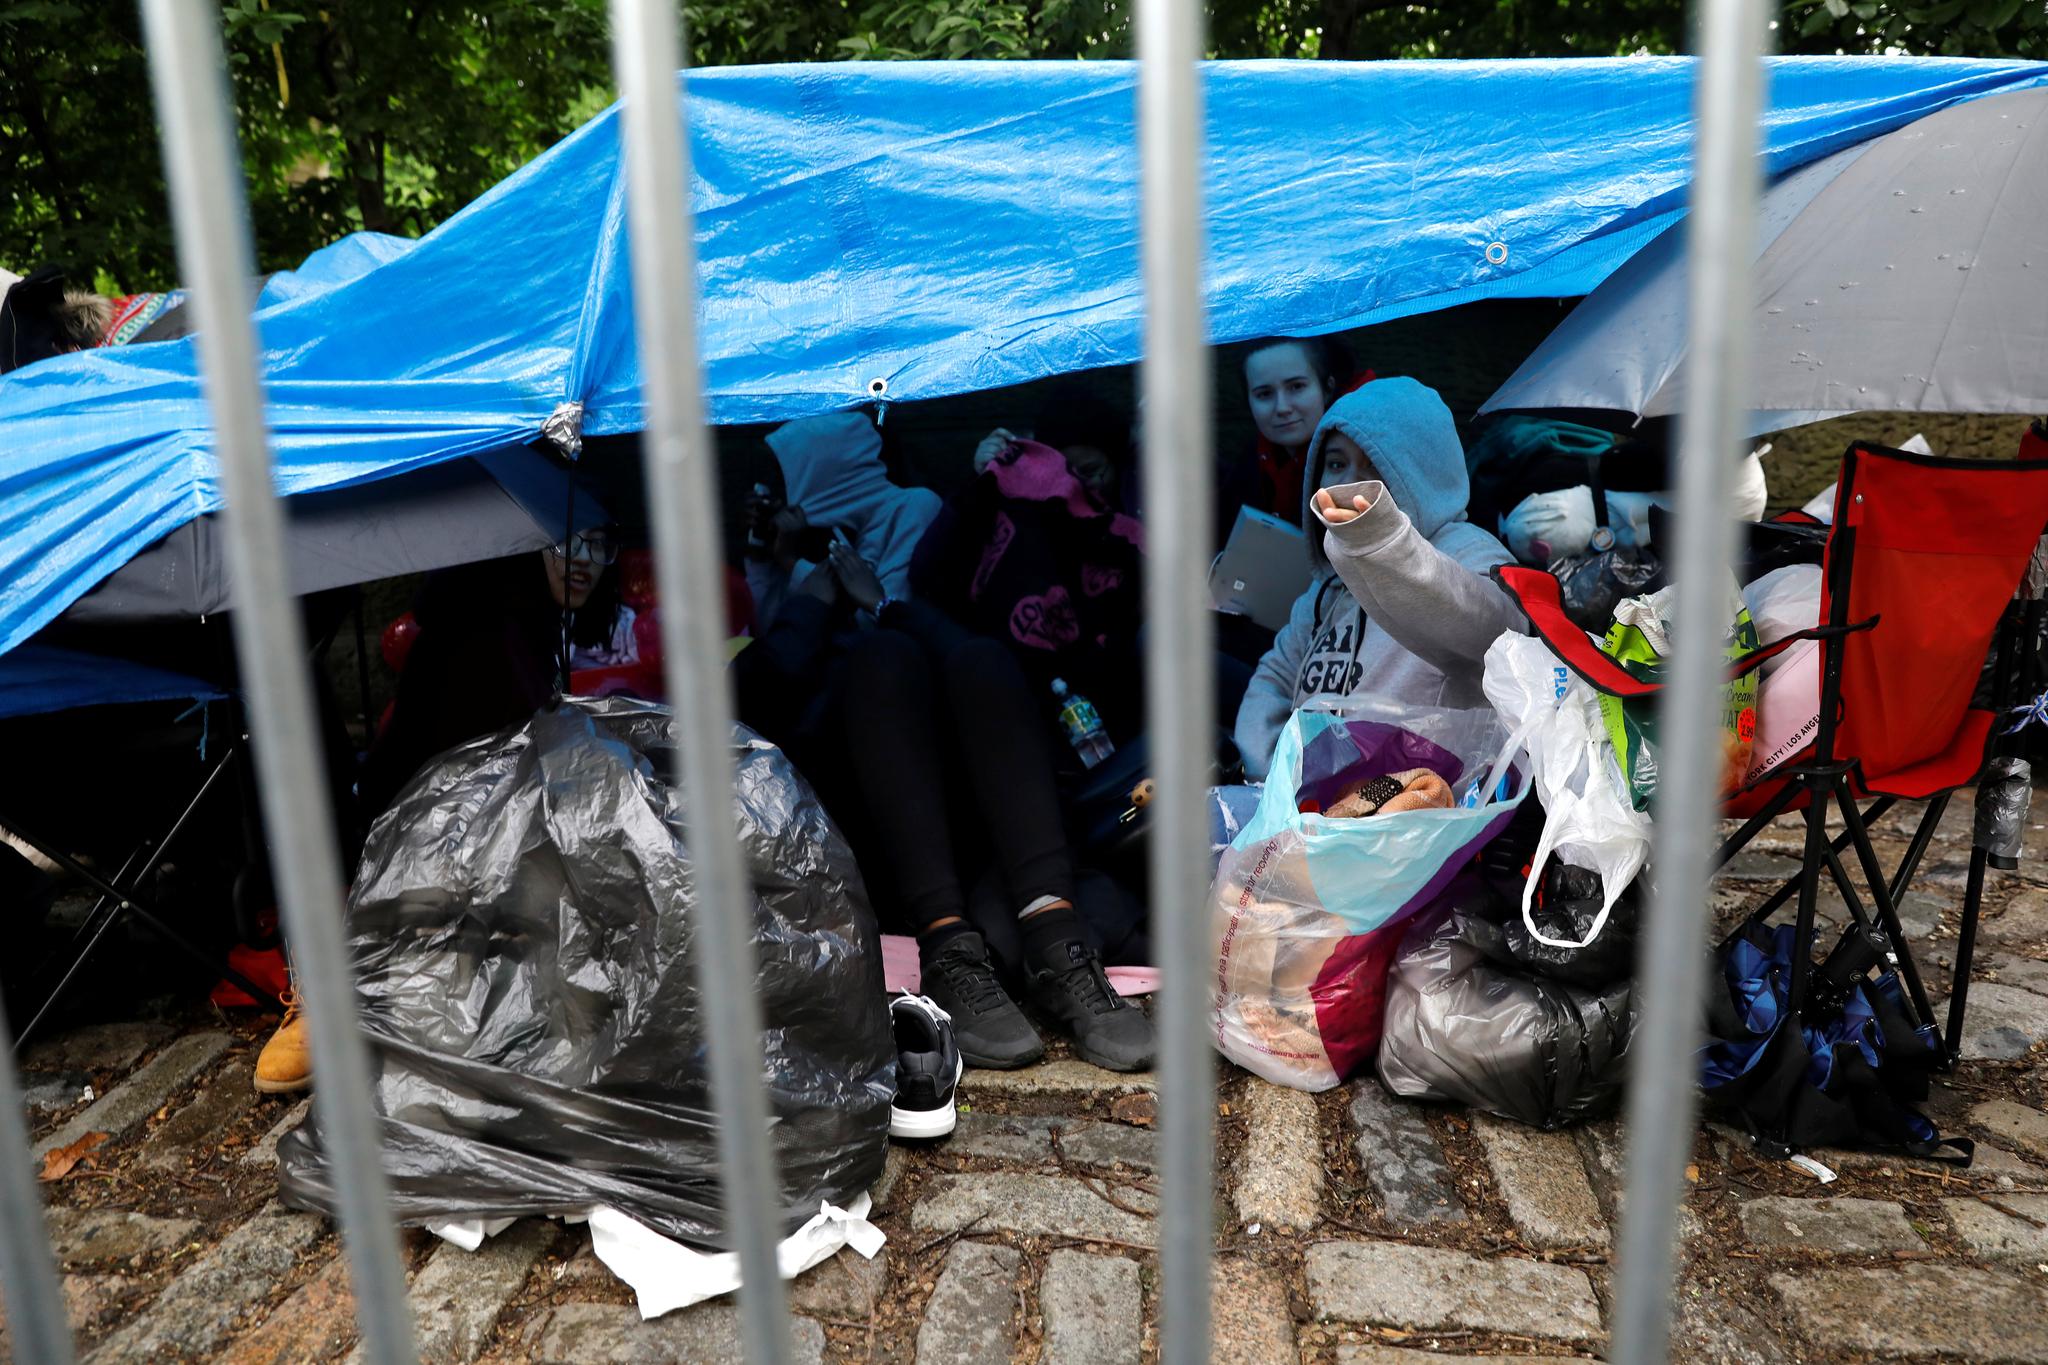 14일 뉴욕 센트럴 파트에서 방탄소년단 팬들이 하룻밤을 보내기위해 간이 텐트를 설치했다. [로이터=연합뉴스]